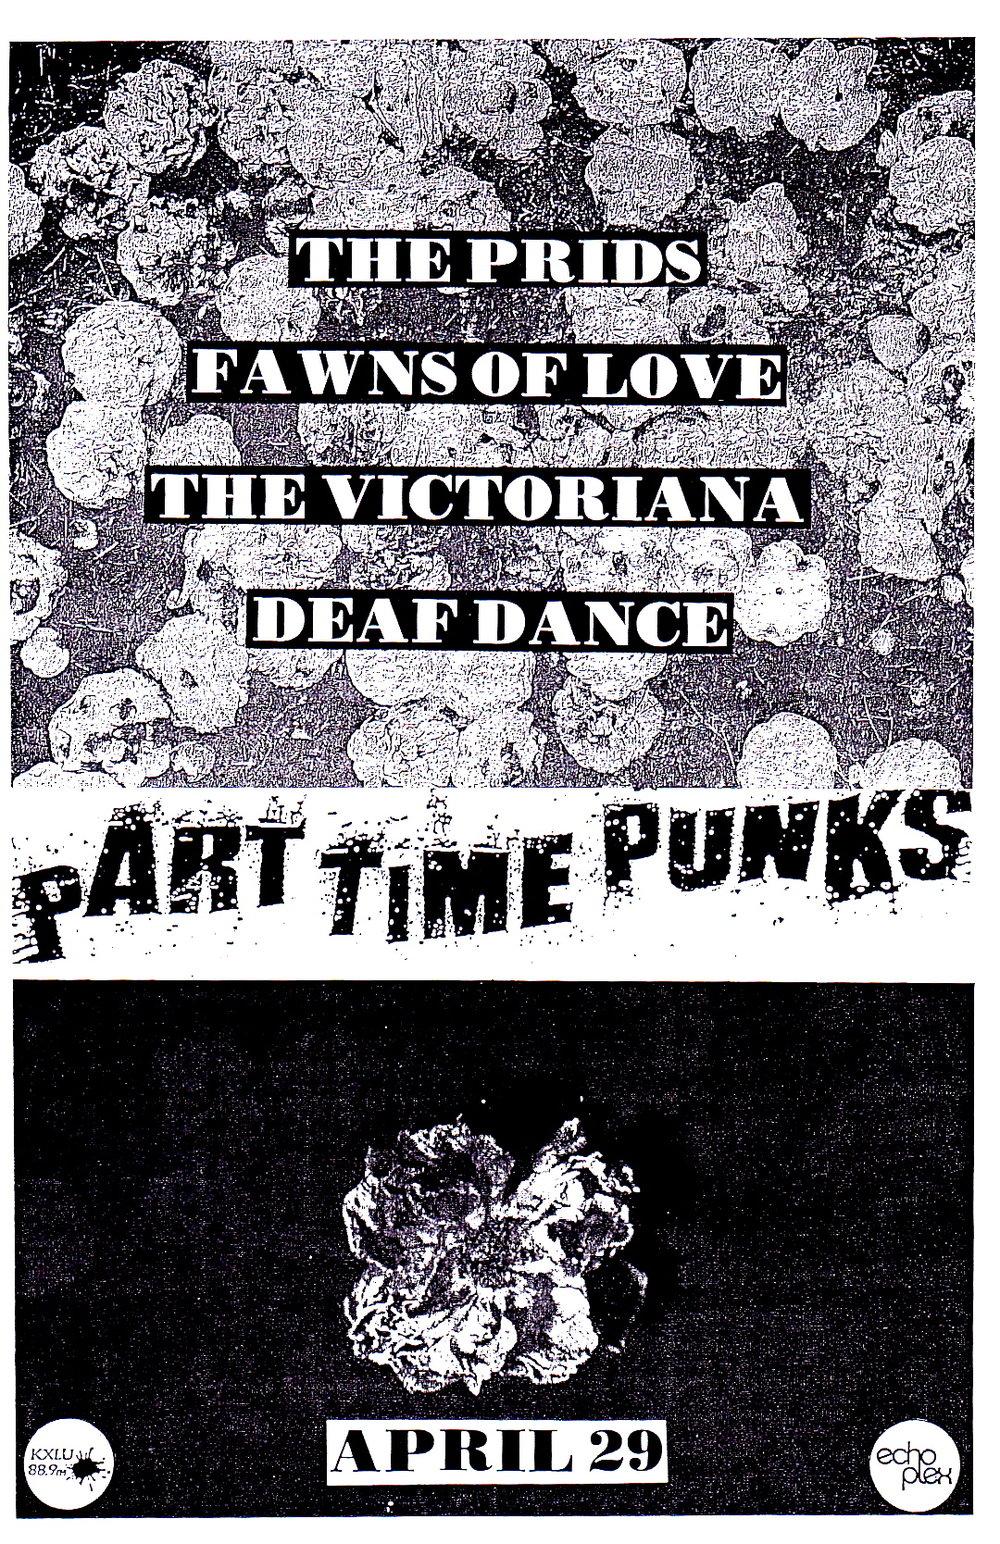 PTP_Prids_Fawns_Victoriana_DD_flyer_042918.jpg